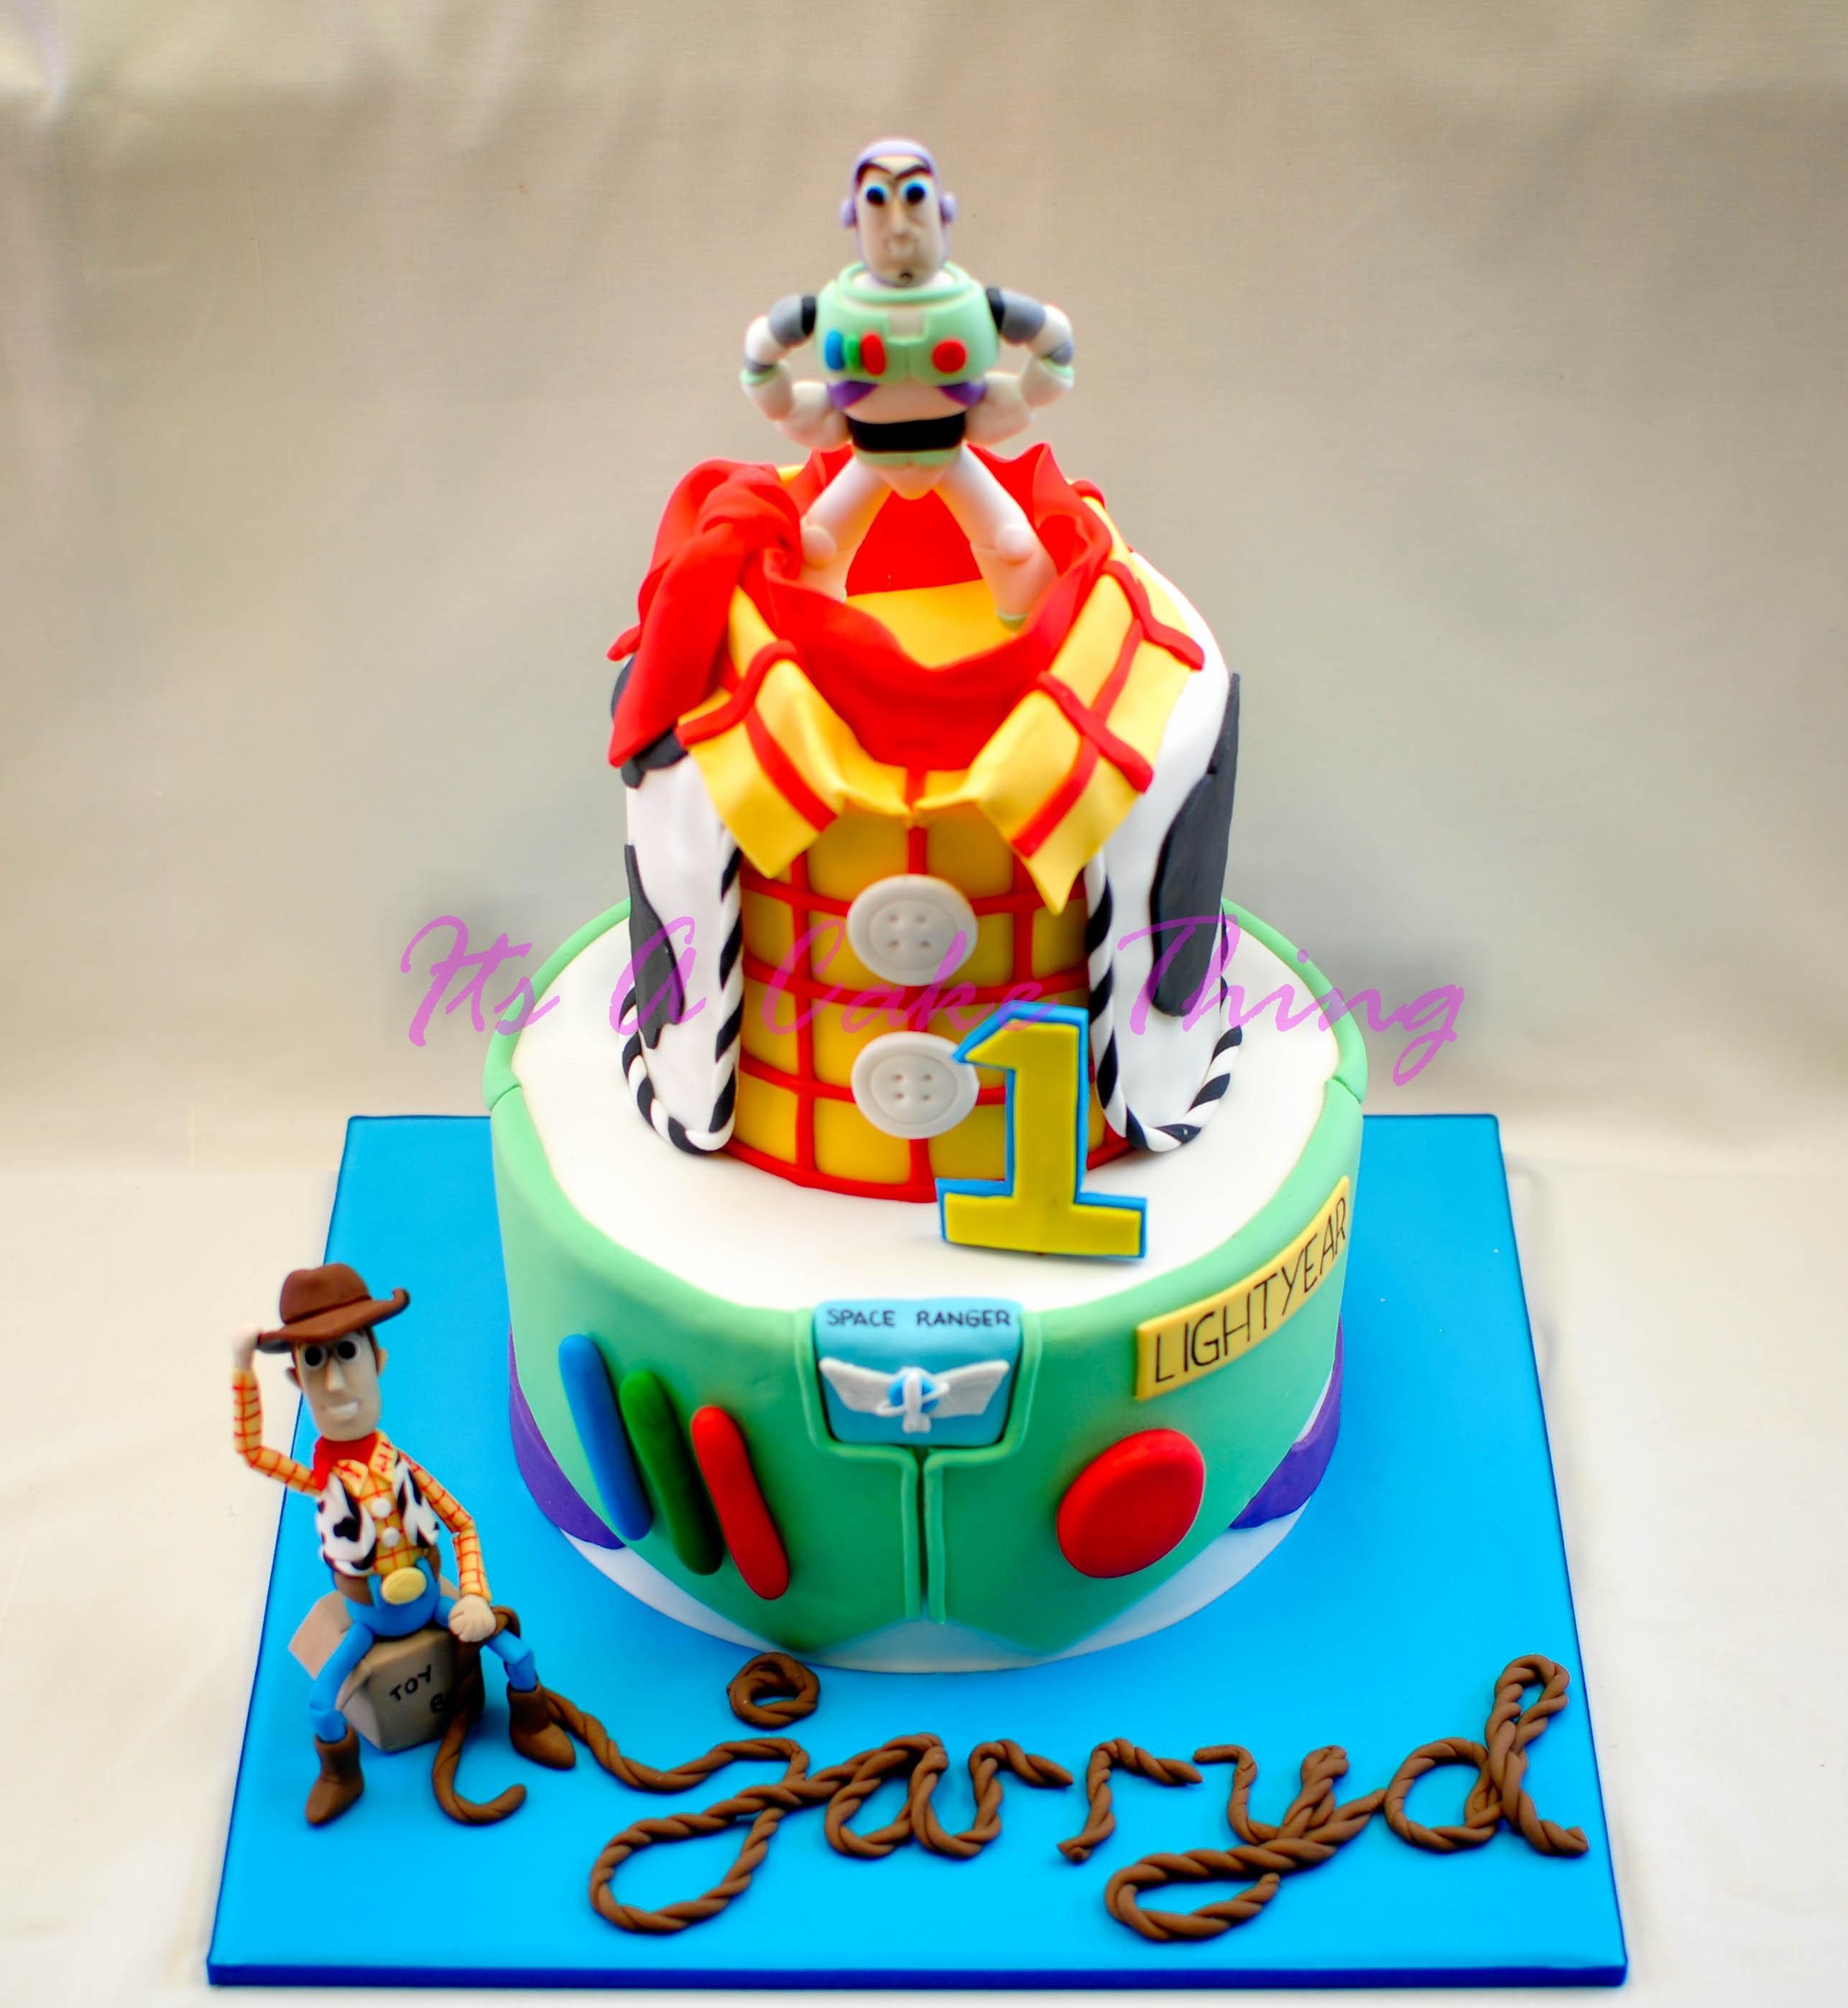 Jarryd's toy story1 happy birthday cake photo album 3 on happy birthday cake photo album